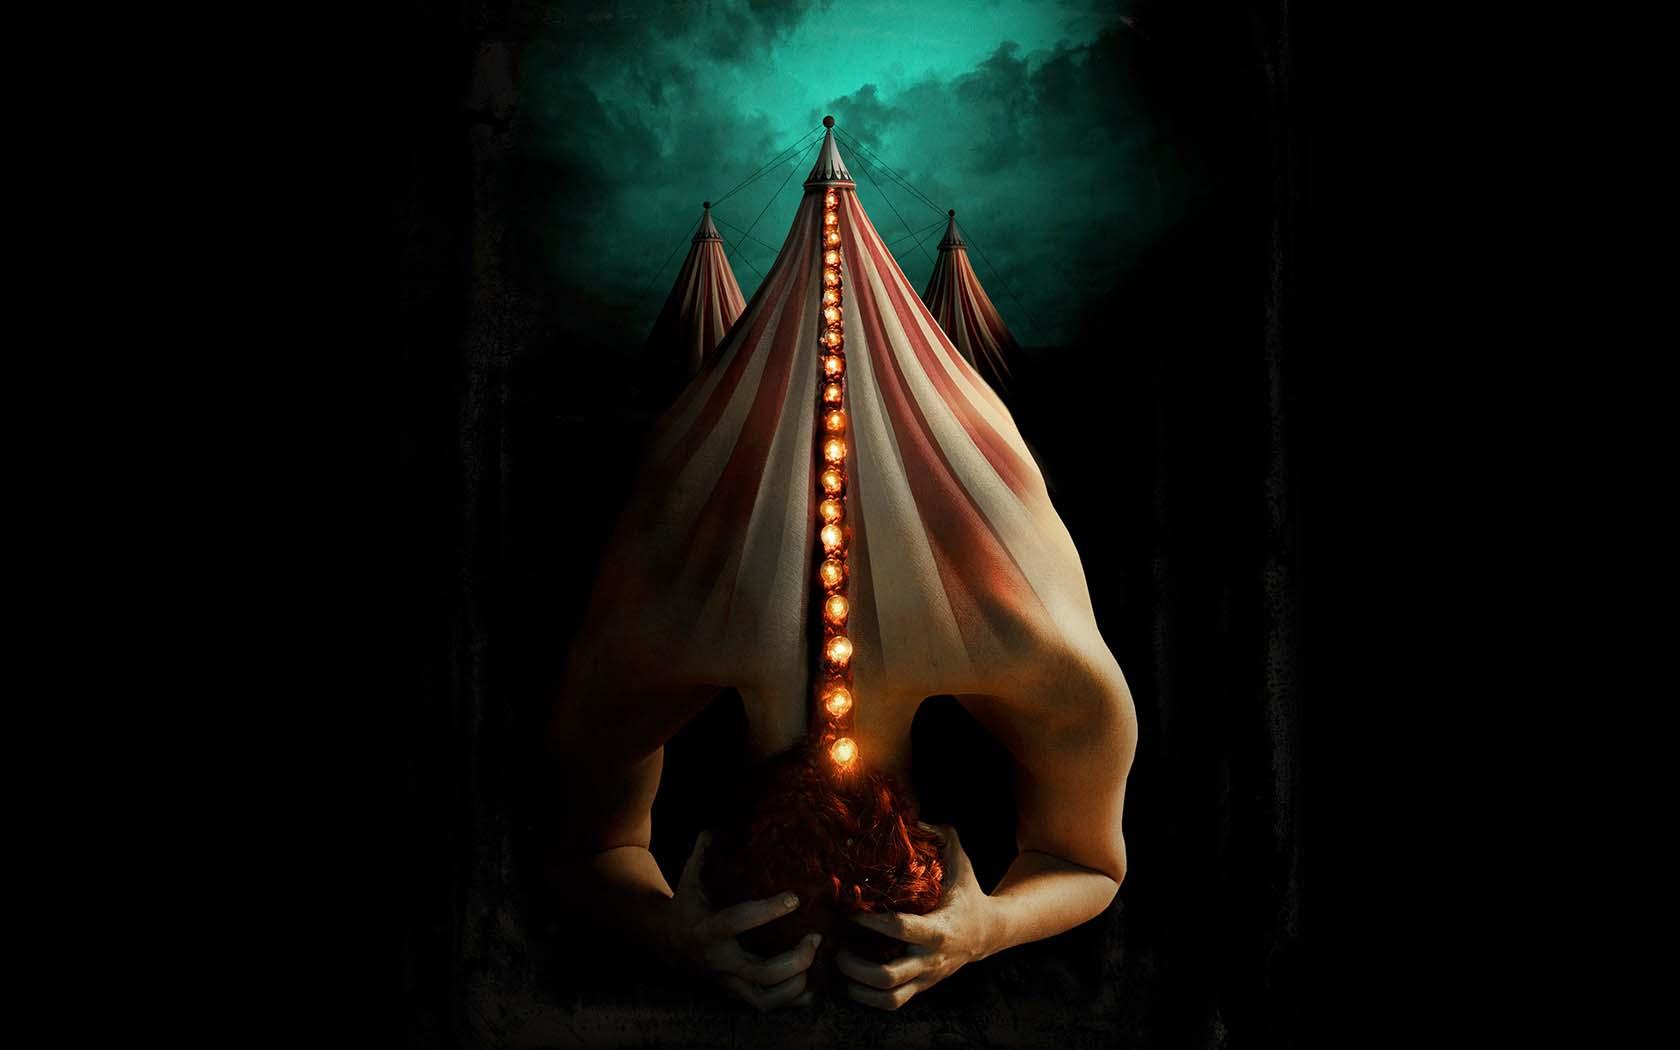 American Horror Story Freak Show Hd Wallpaper 65230 1680x1050px